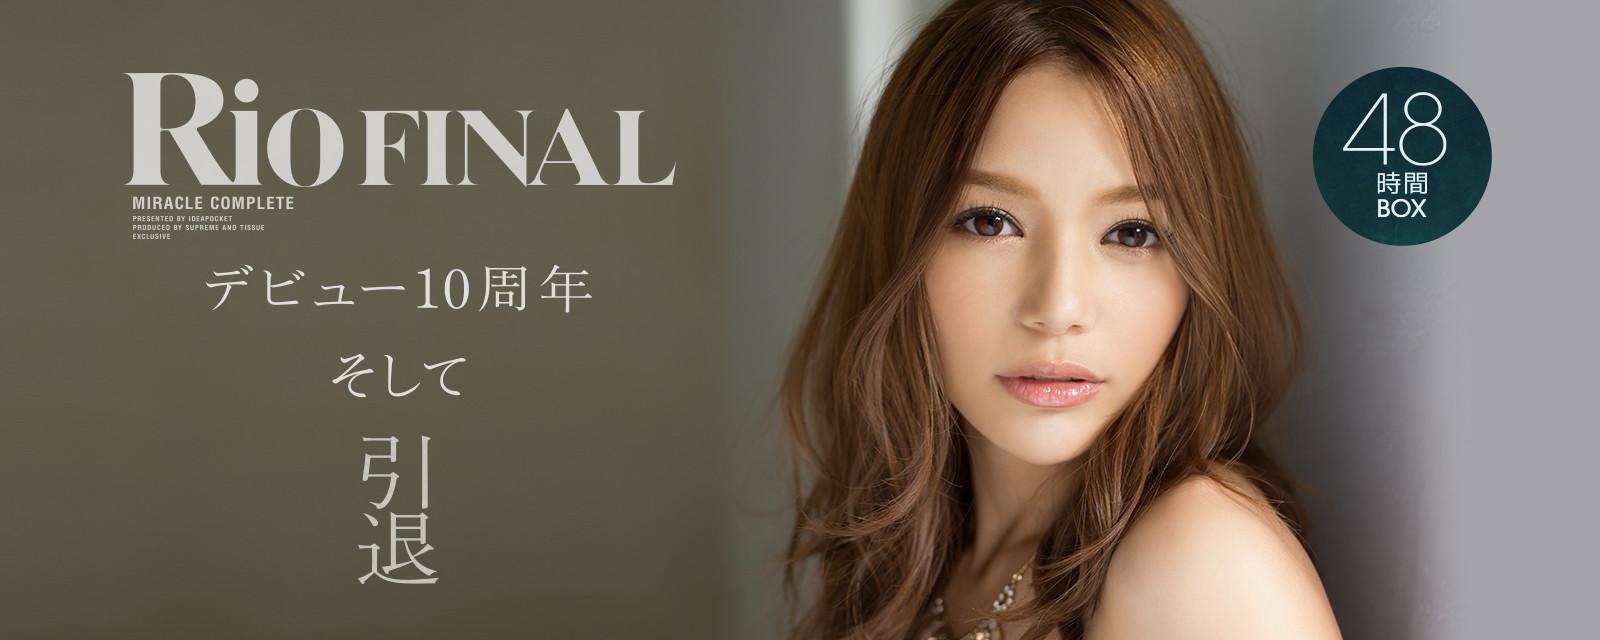 For AVer 12月AV Open團購啟動!